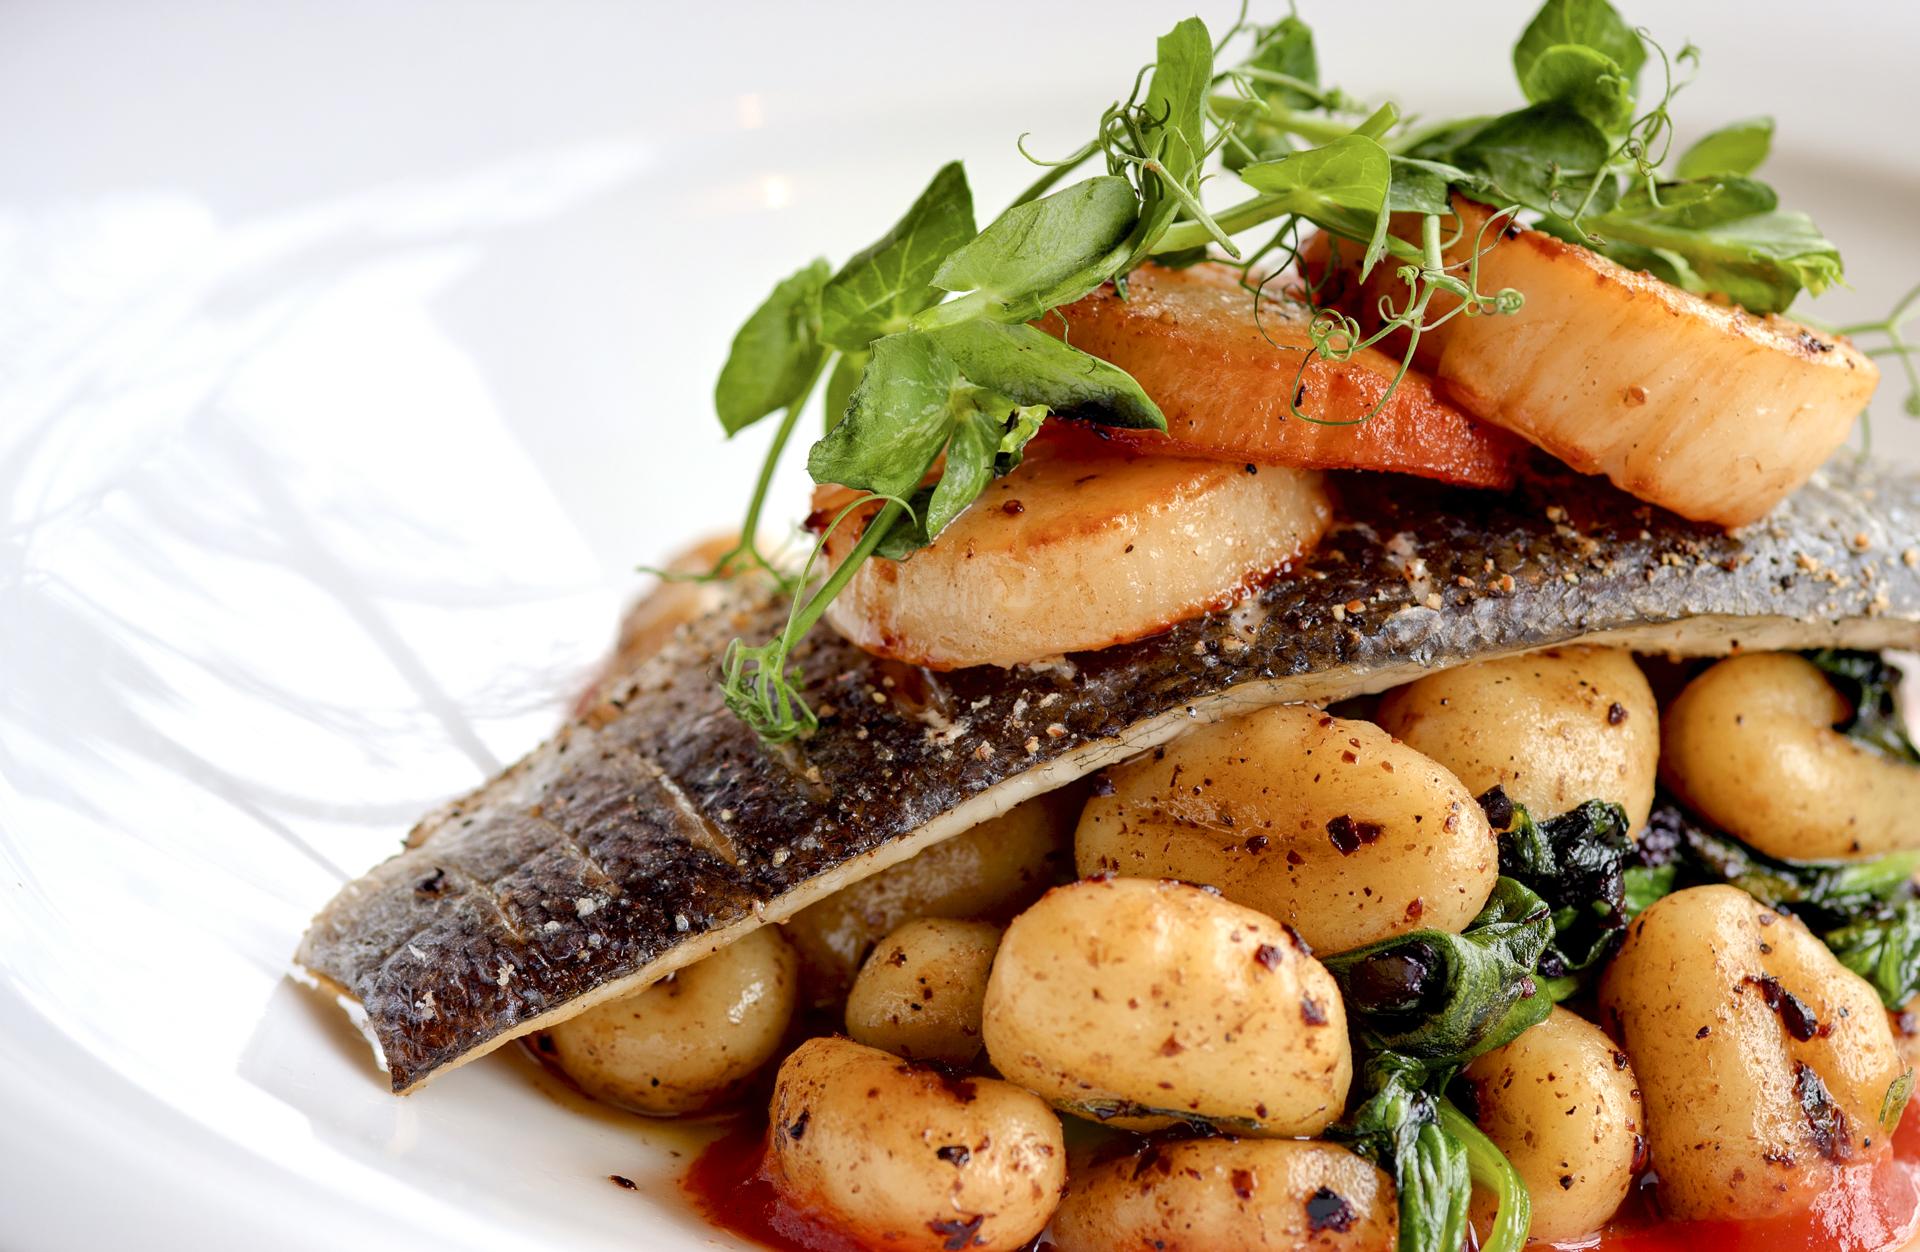 Pallant Restaurant & Cafe - Fish Course